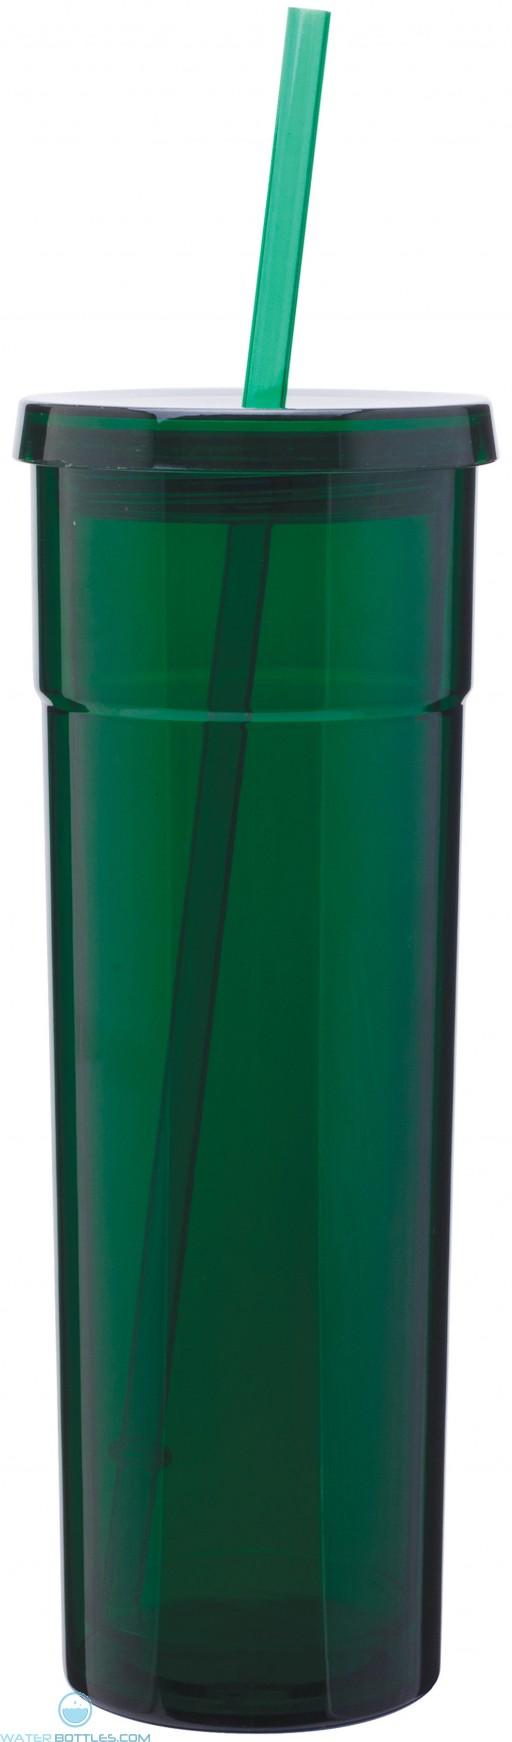 16 oz torino-green